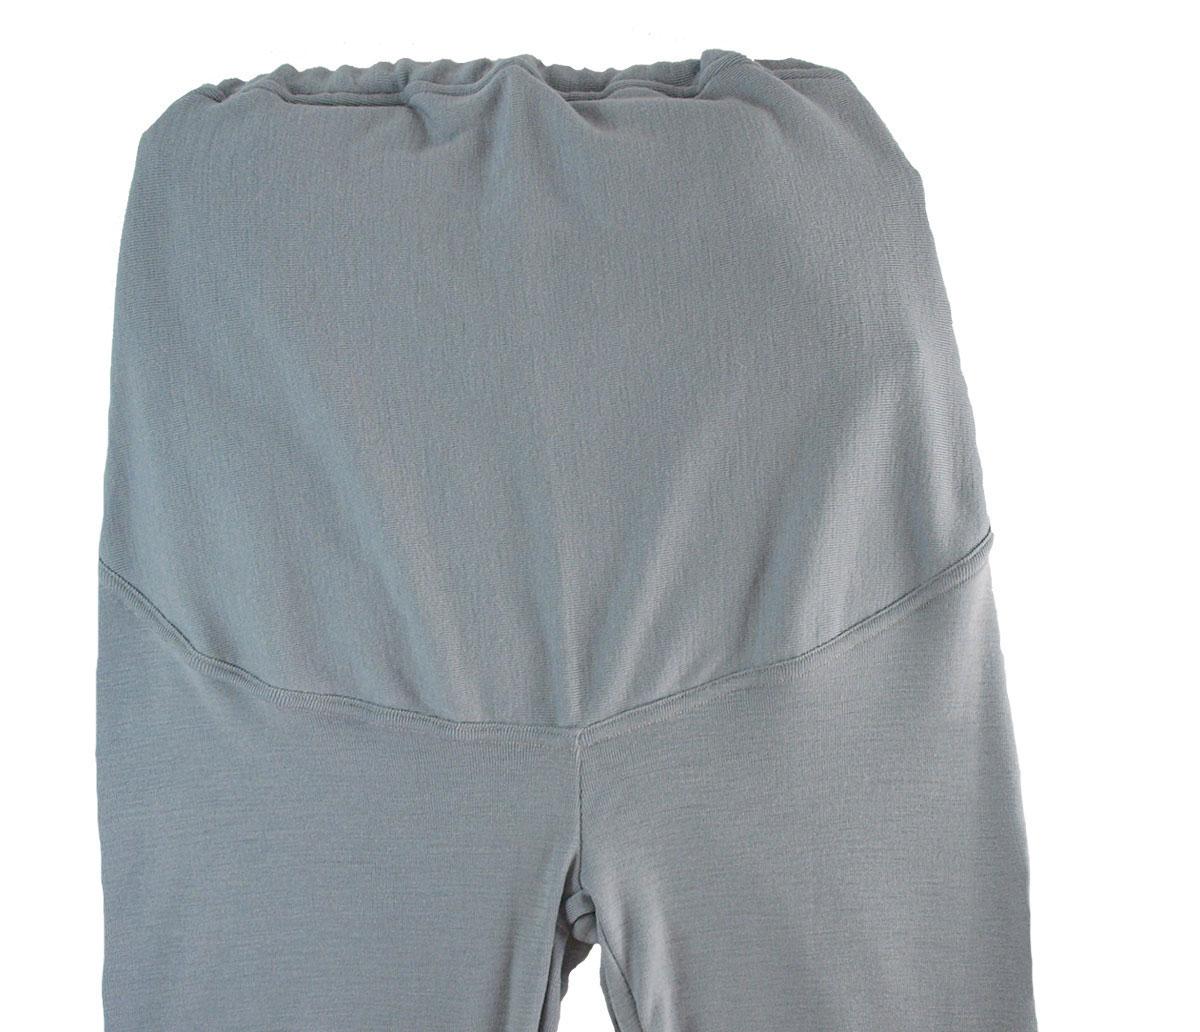 Minimundus gravidlångkalsonger 100% merinoull BlueSign grå